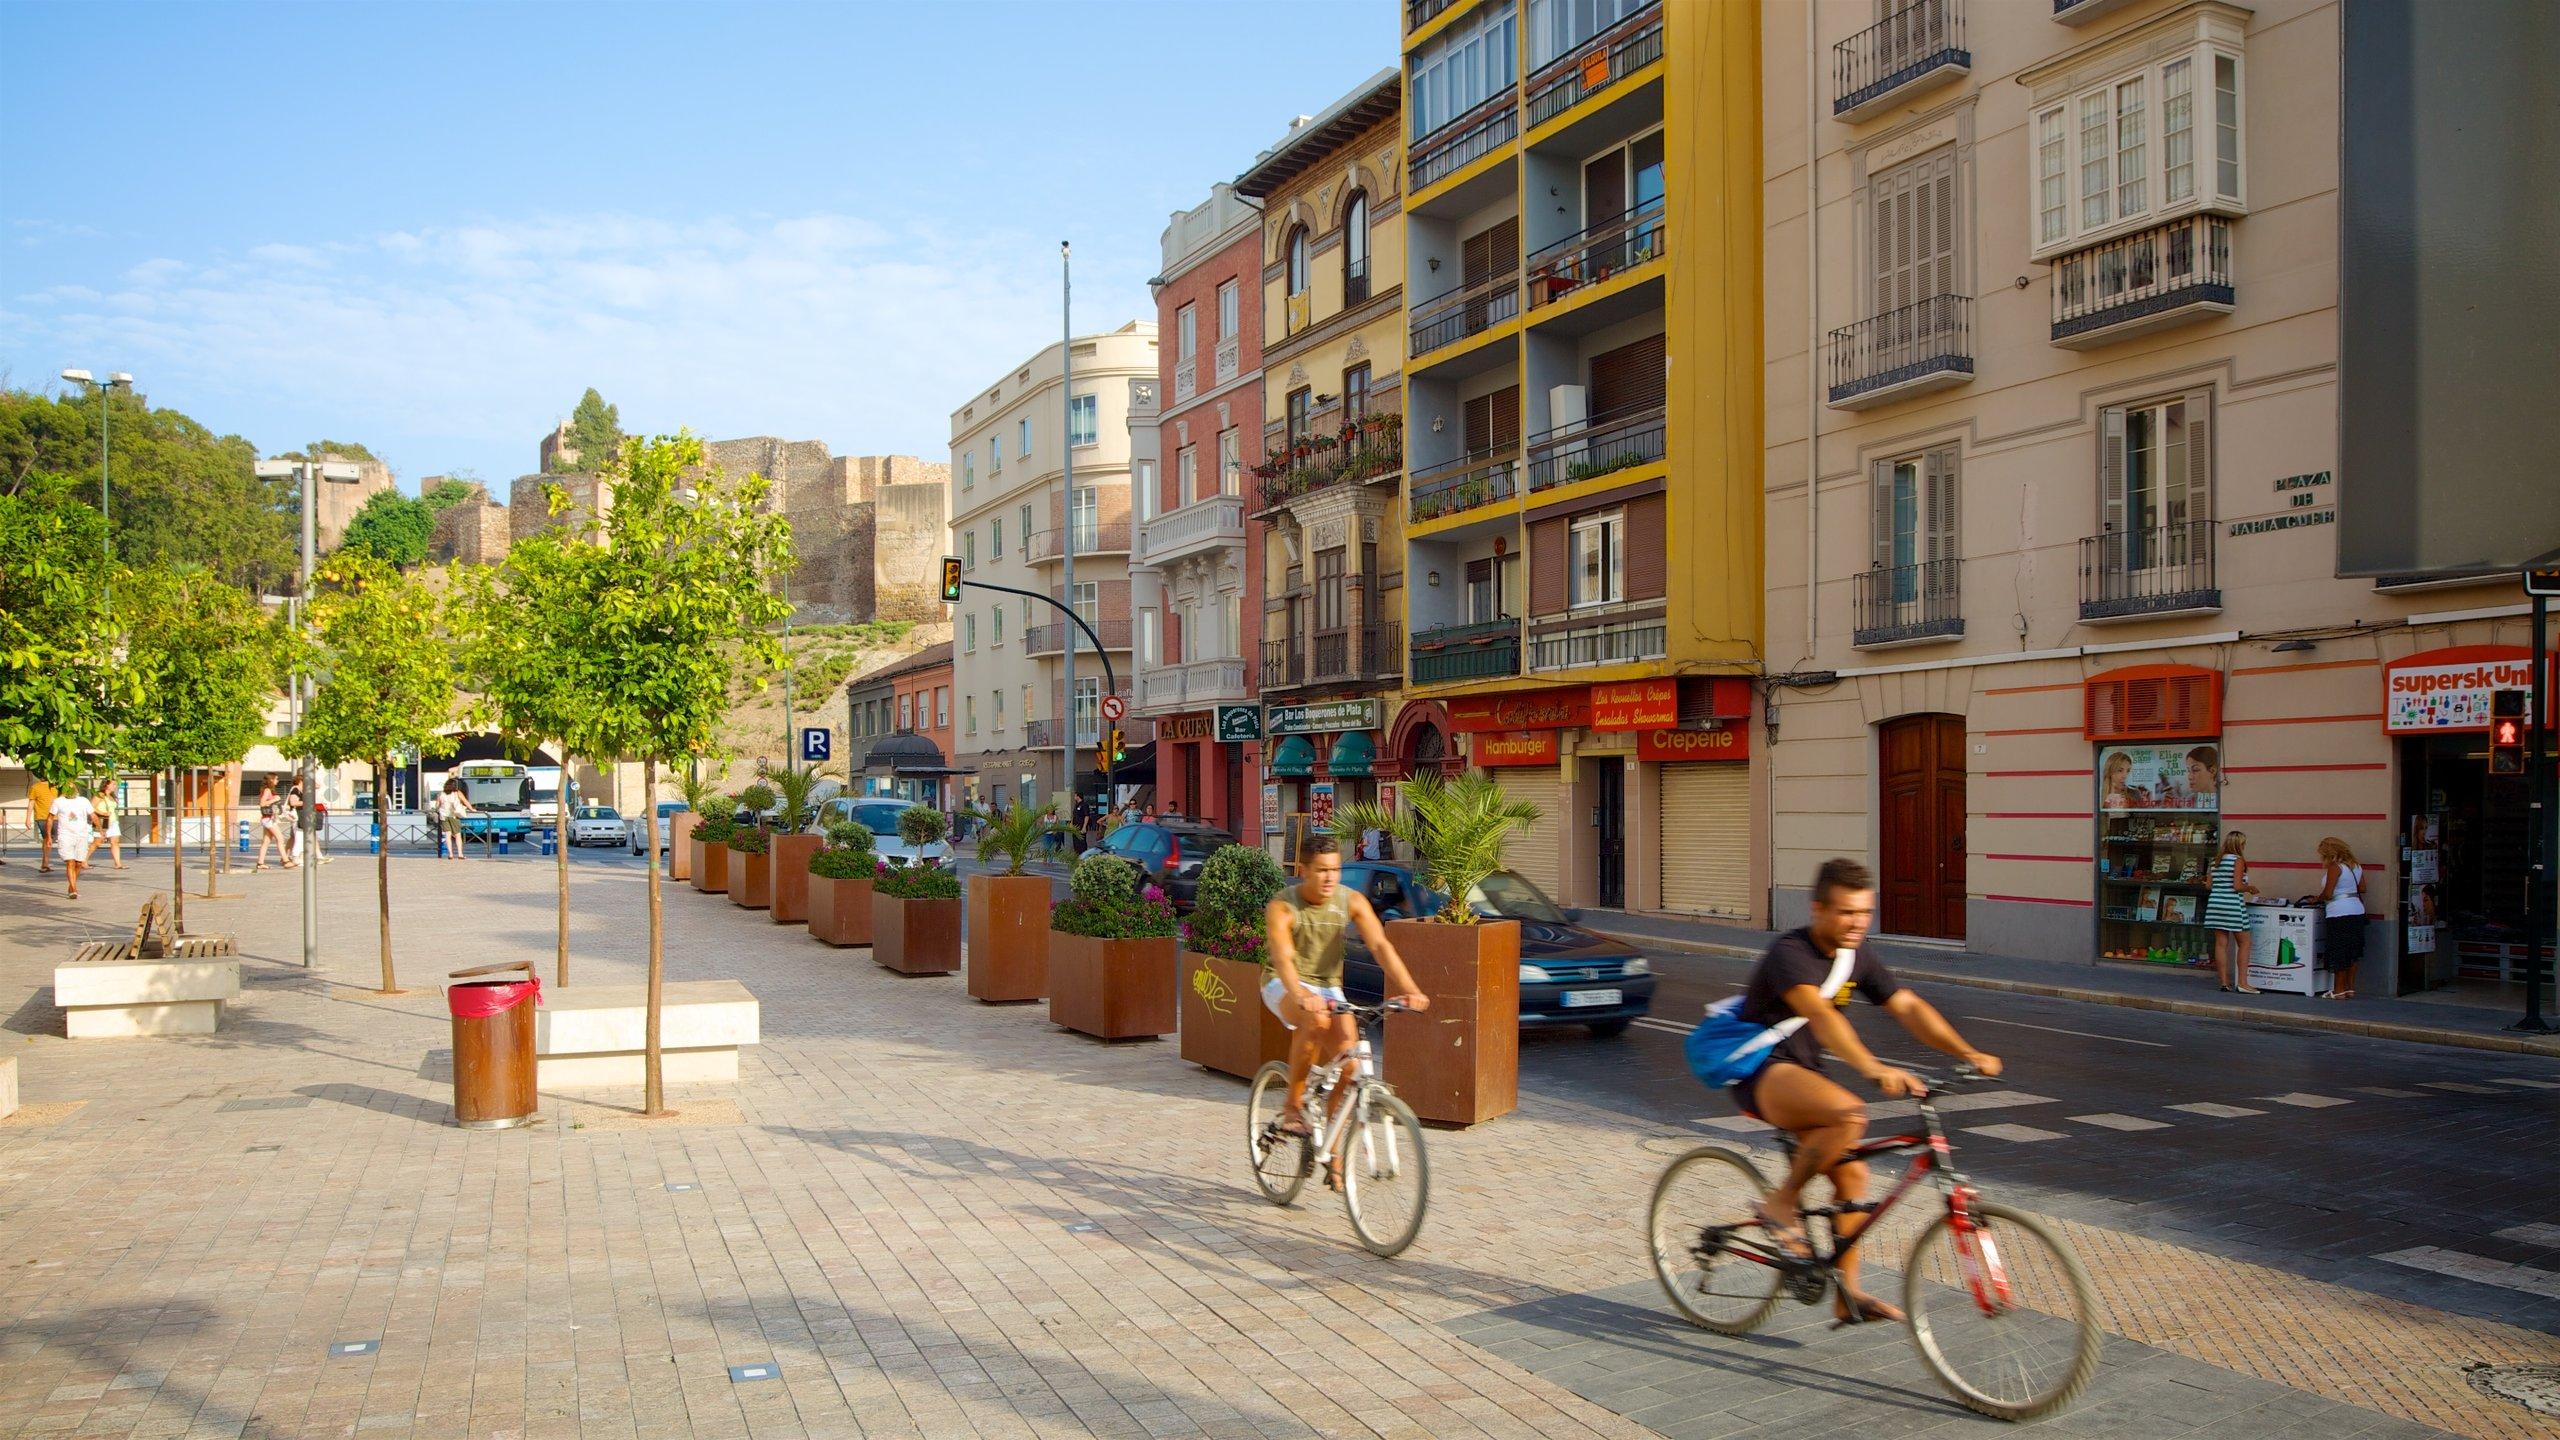 Desfrute de uma tarde de sol entre os habitantes locais nesta famosa praça no Centro Histórico de Málaga, e admire monumentos imponentes, homenagens a Picasso, lanternas, árvores e charmosos terraços de restaurantes.